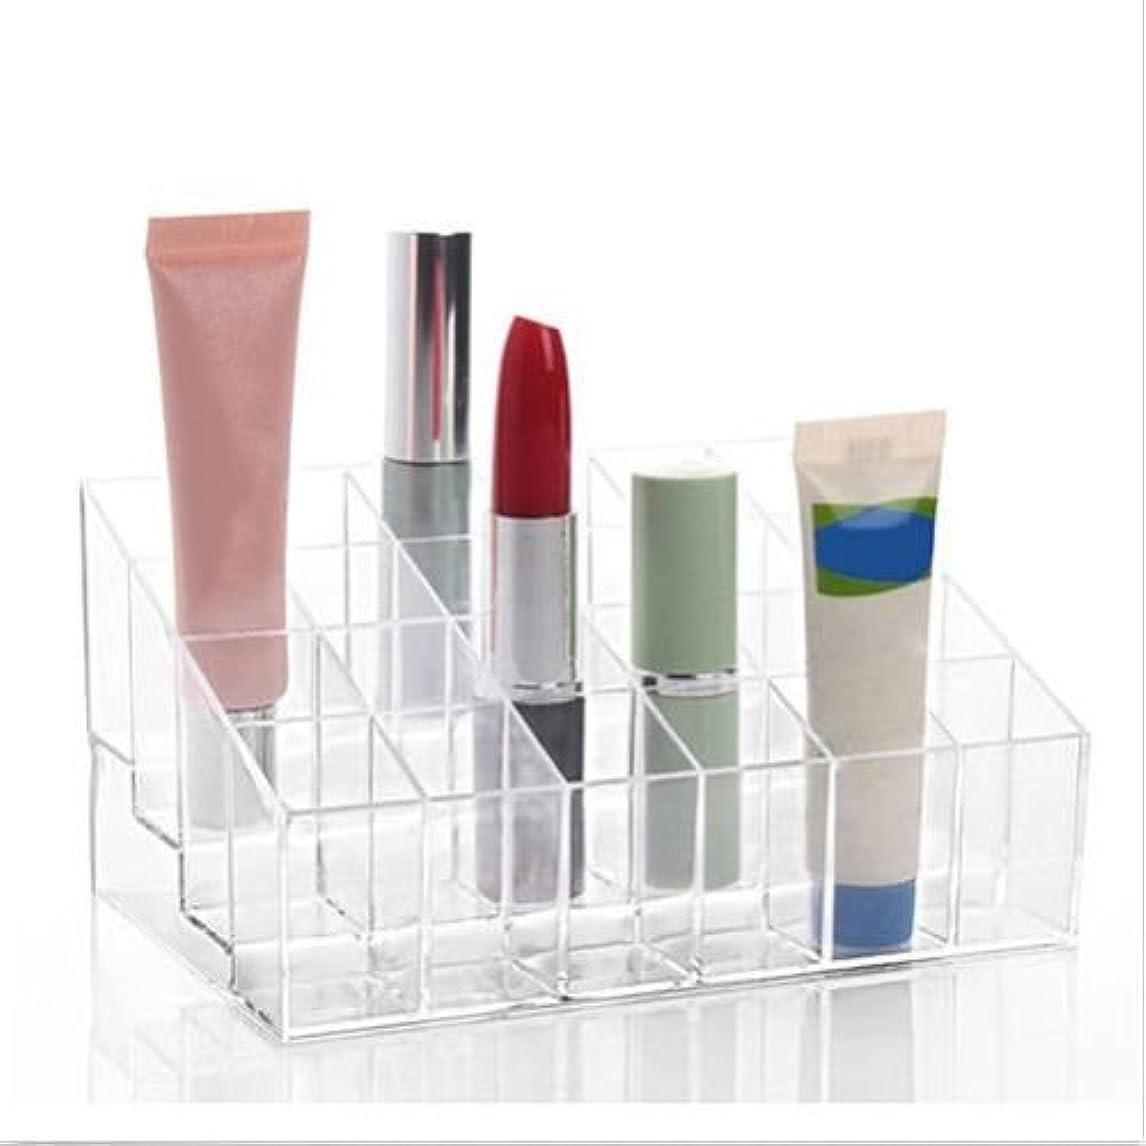 スーダン同様に材料BEE&BLUE 洗面所 化粧品 メイク 小物 収納 ボックス 収納スタンド コスメ 化粧品 口紅 香水 24 アクリルボックス 透明